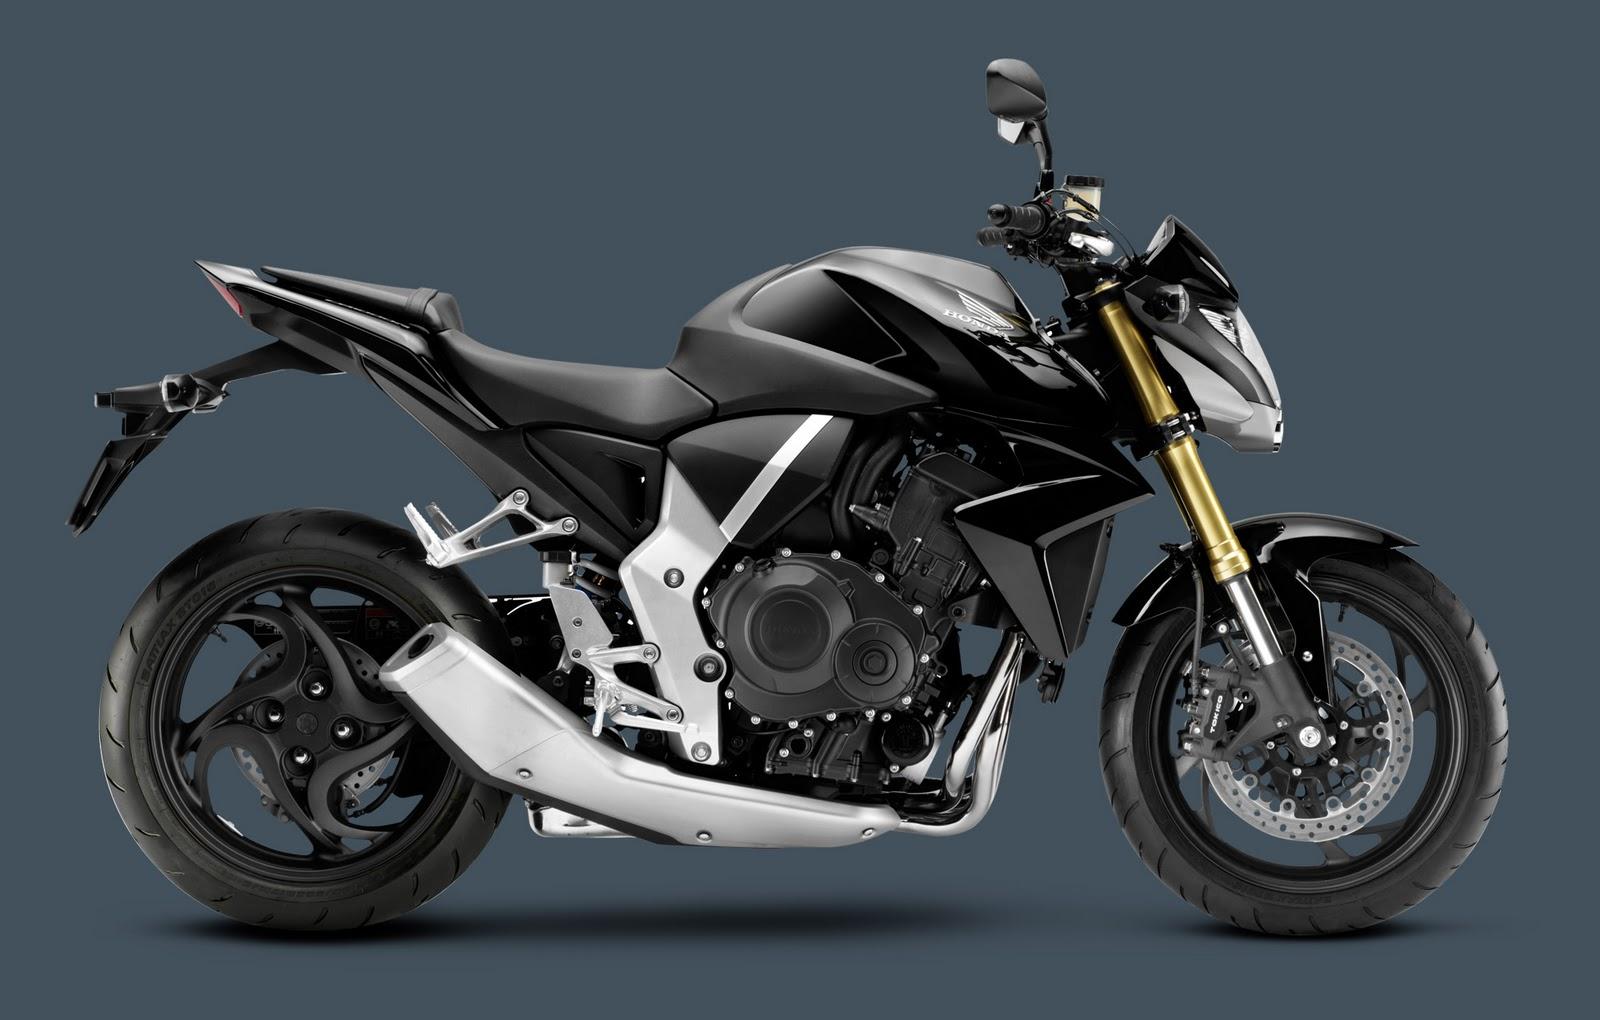 Nova CB 1000 - já a venda  2011_CB1000R_2000x1275_PearlBlack_42515B